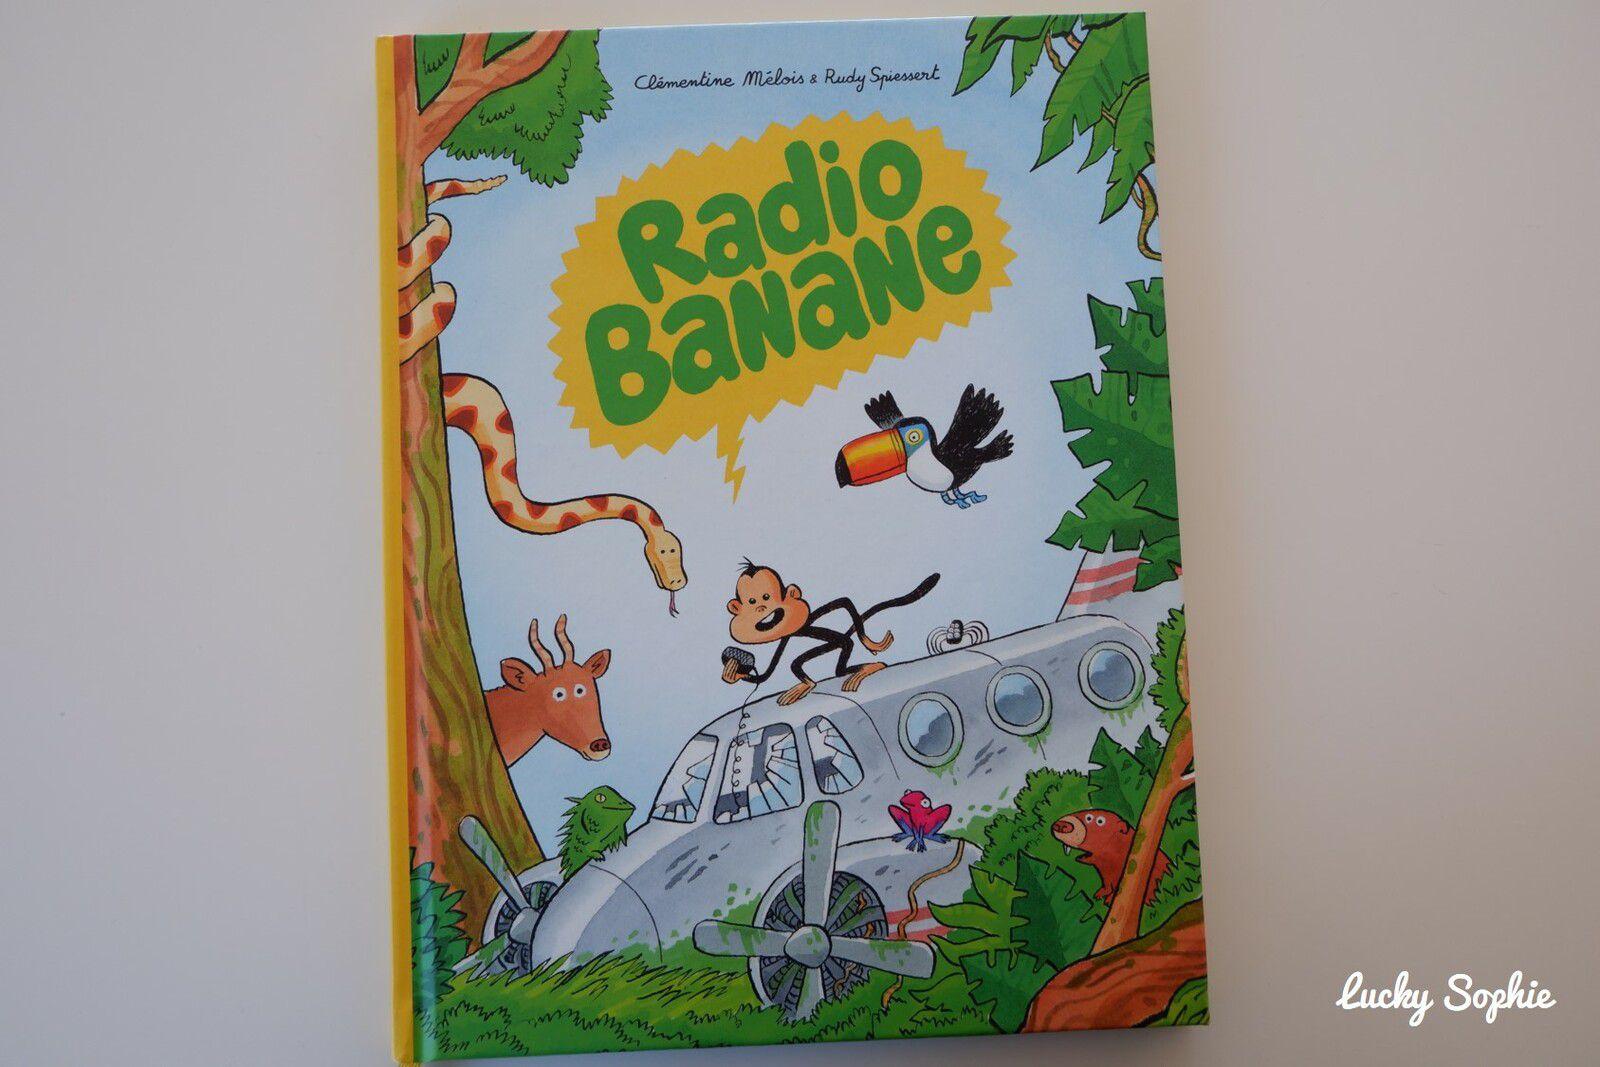 L'amusant album Radio banane